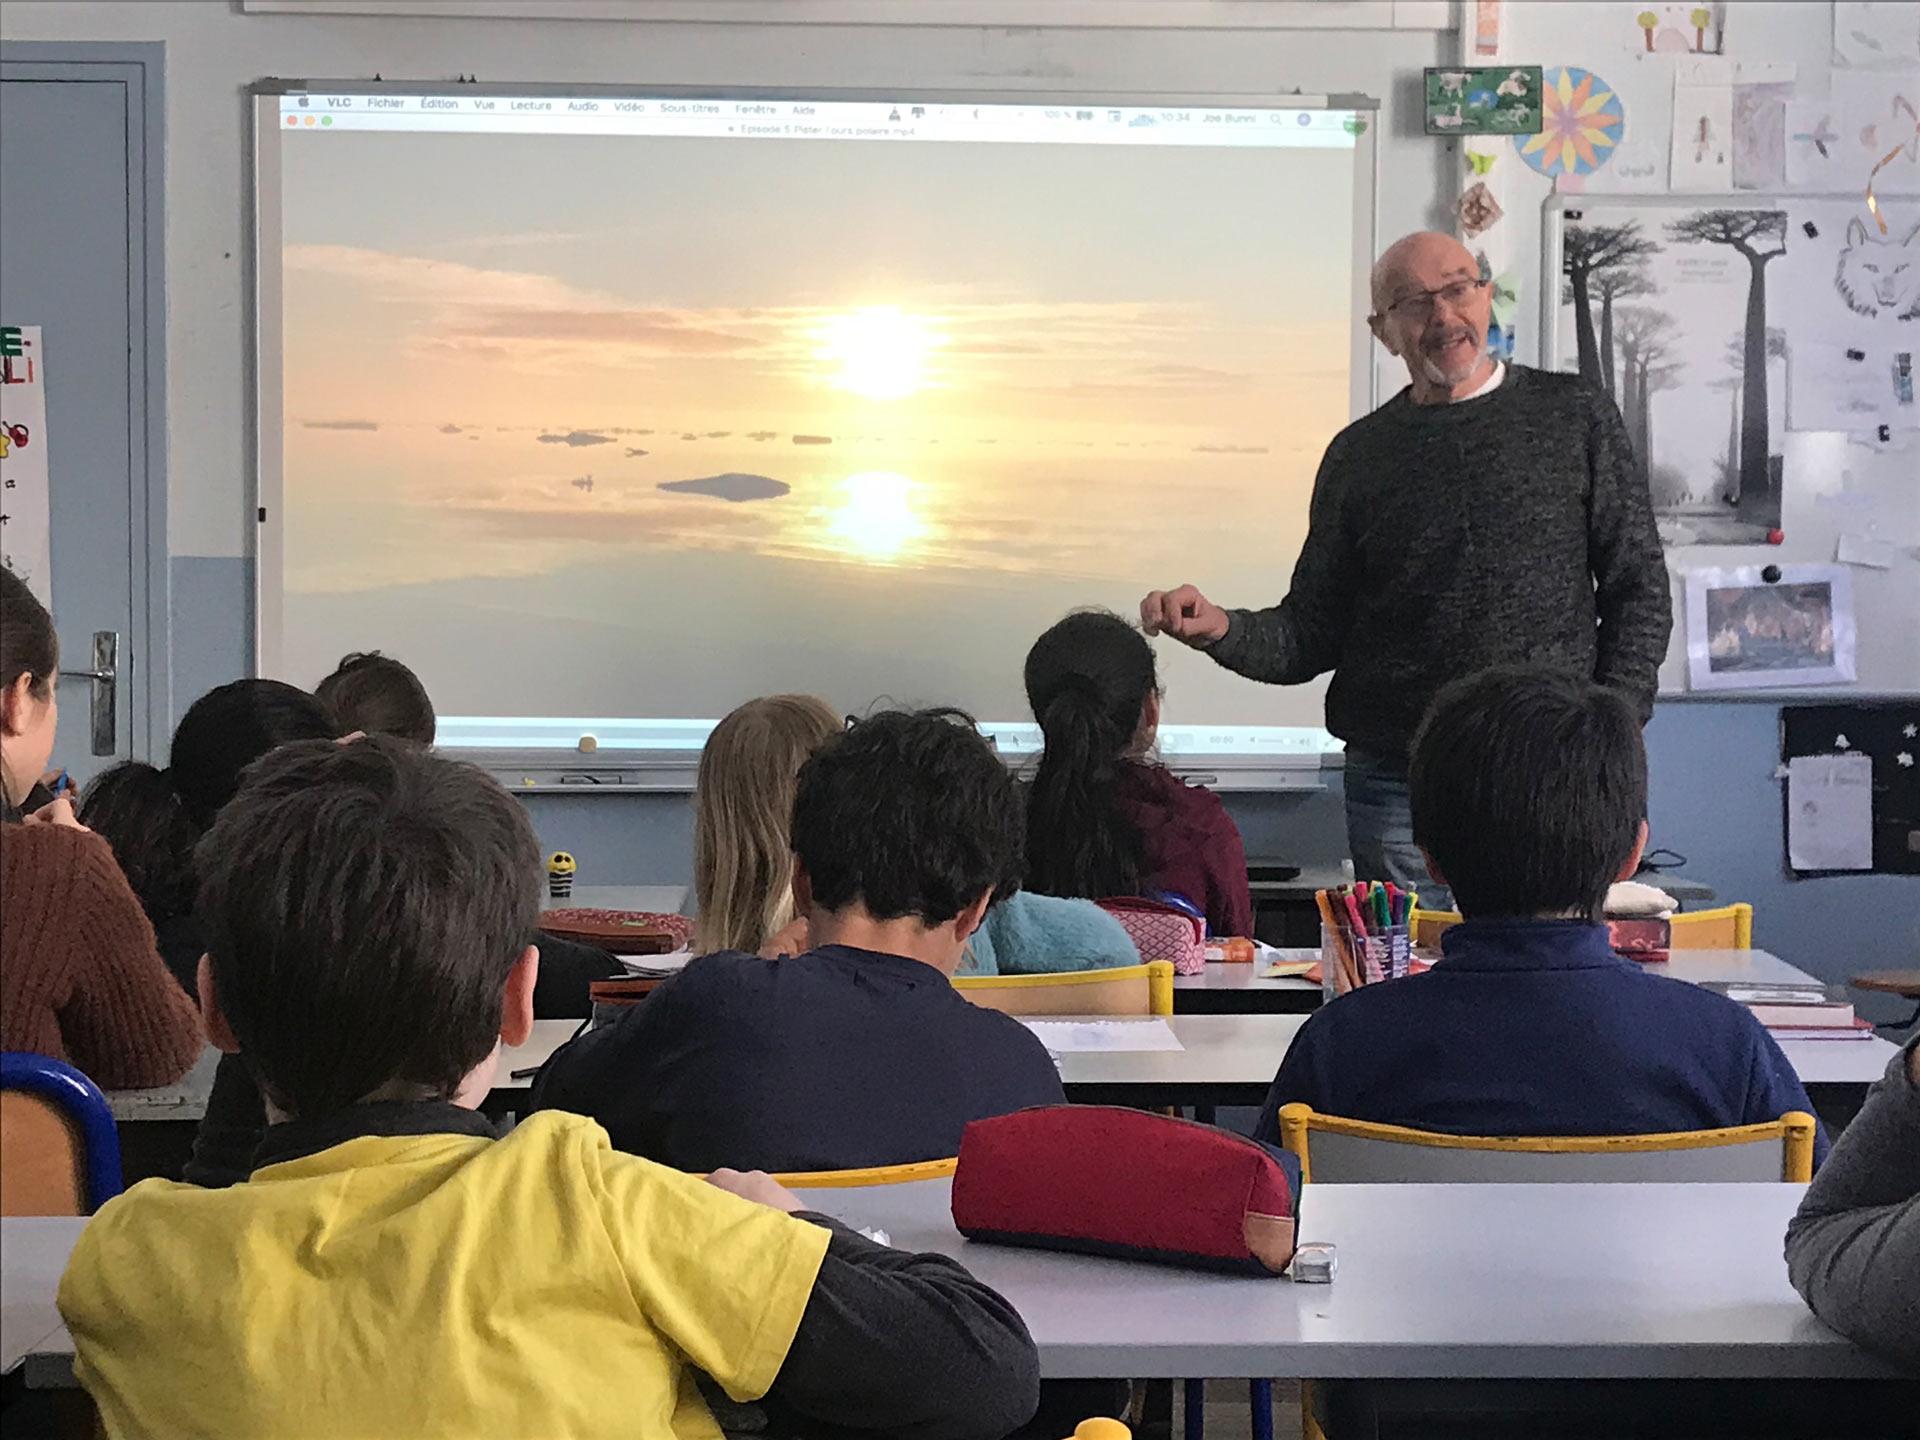 Les élèves écoutent la présentation de Joe